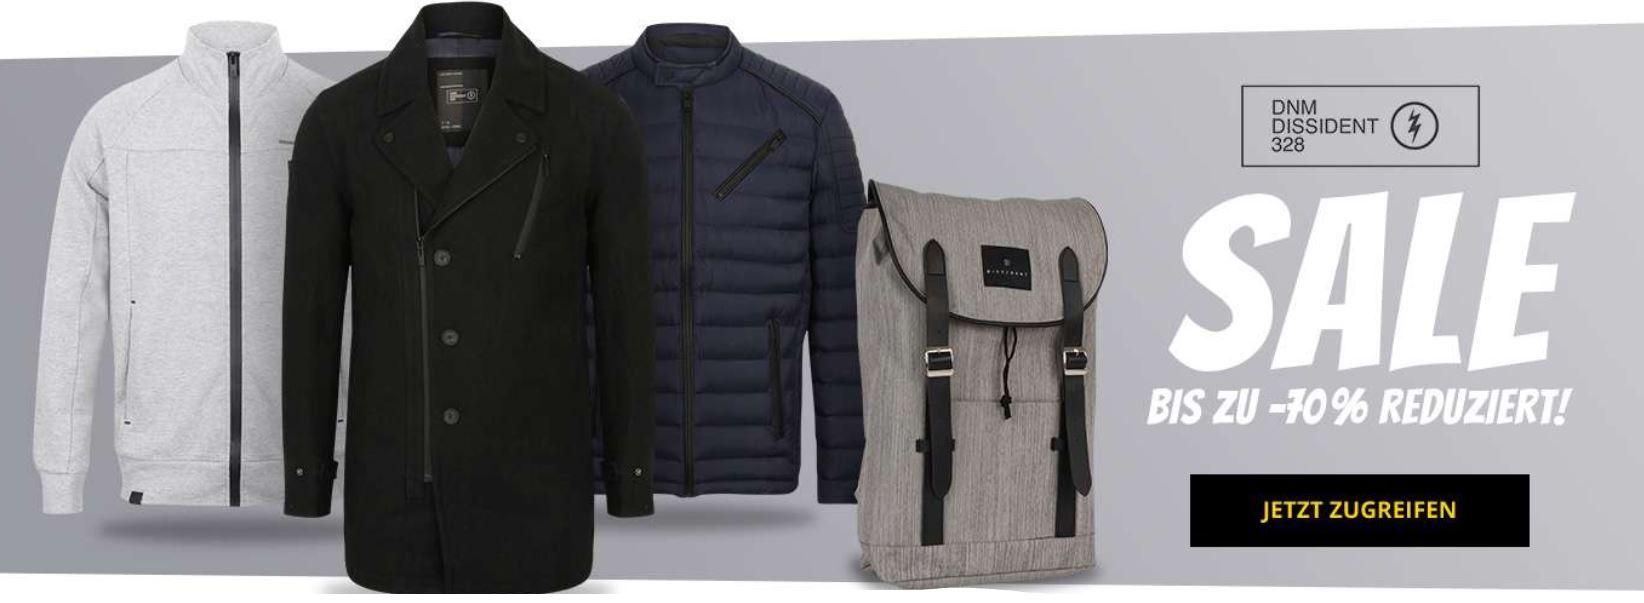 DNM Dissident   Urban Fashion mit bis zu 70% Rabatt   z.B. DNM Dissident Thompson River Canvas Rucksack ab 12,99€